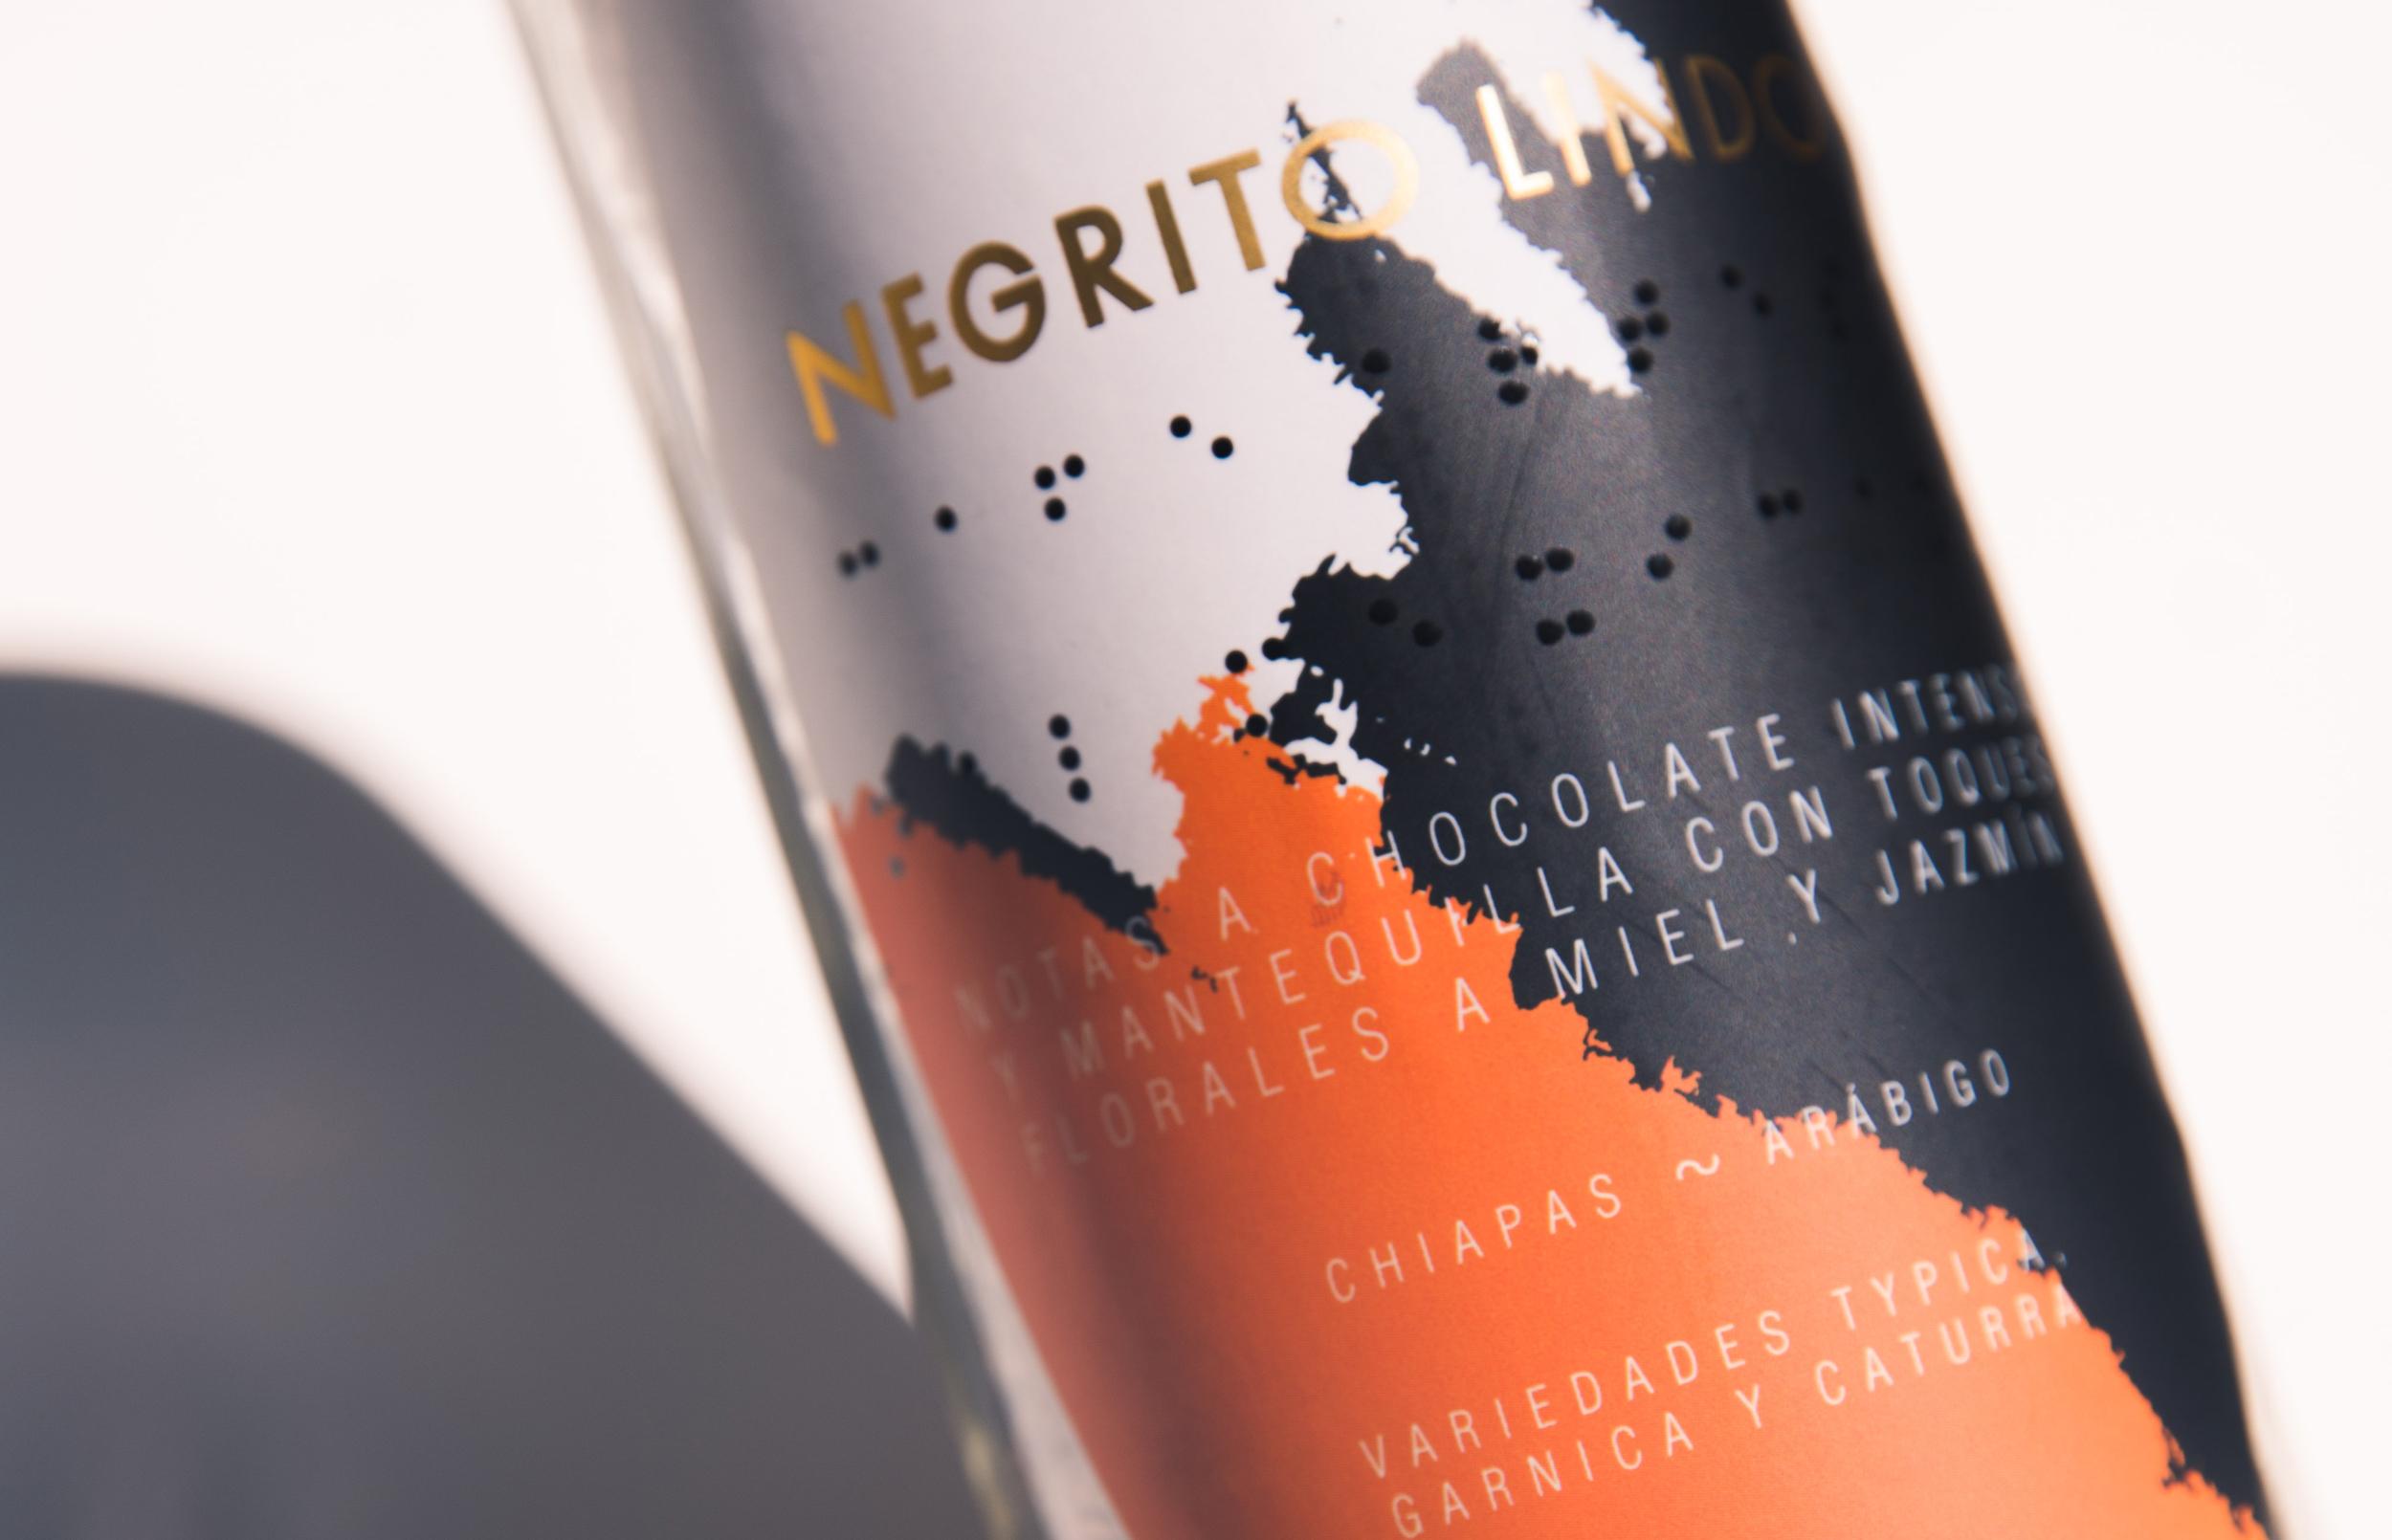 A Unique Design for Premium Coffee in Latin America by JRGG